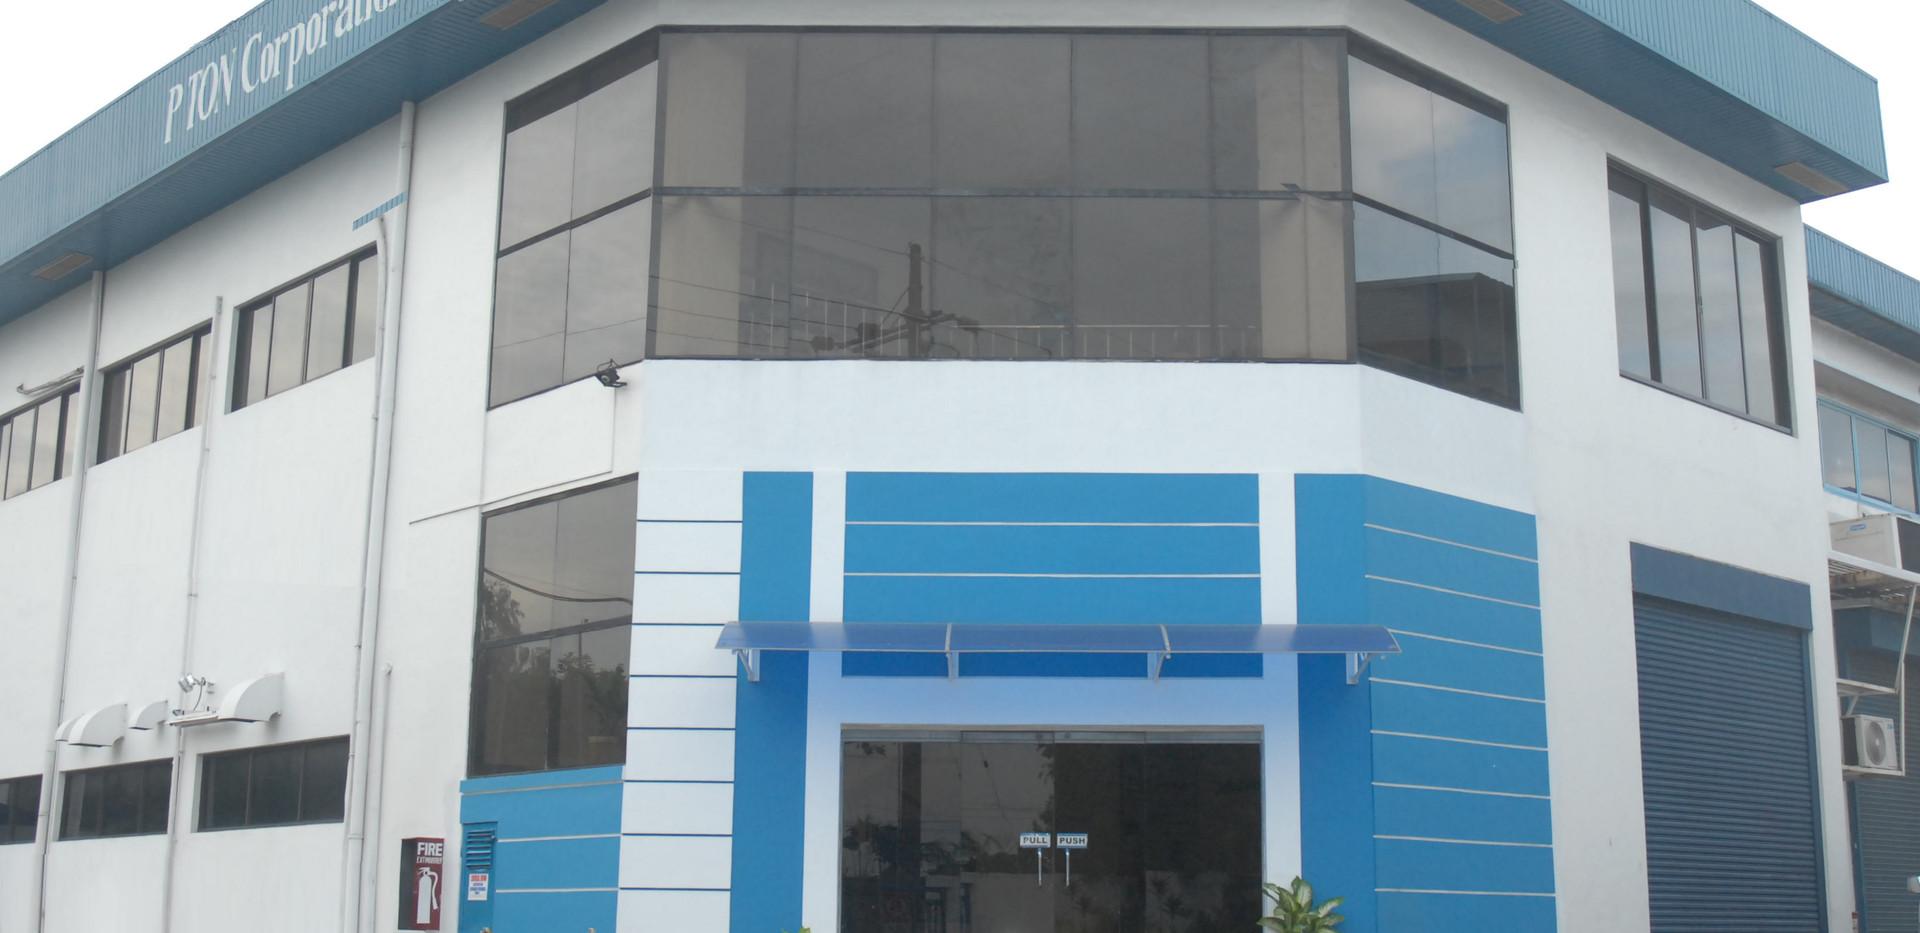 PTON Building - Front Entrance